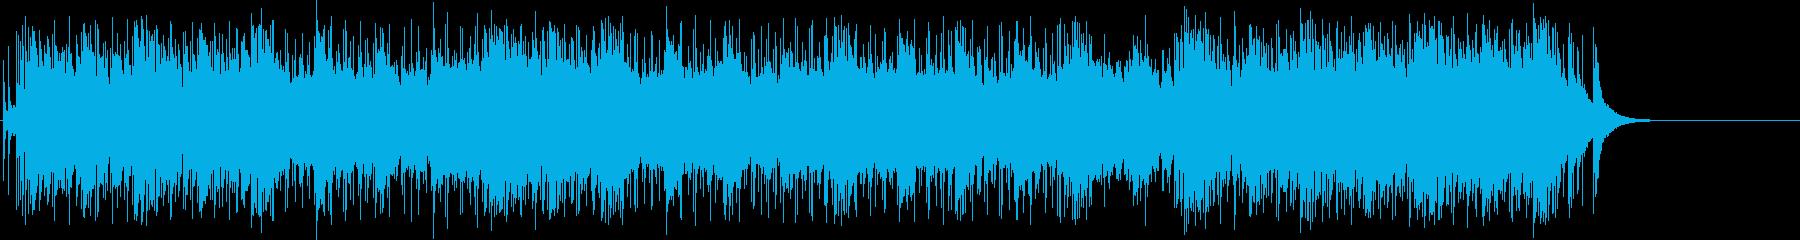 疾走感を感じる豪快なエレクトリックロックの再生済みの波形